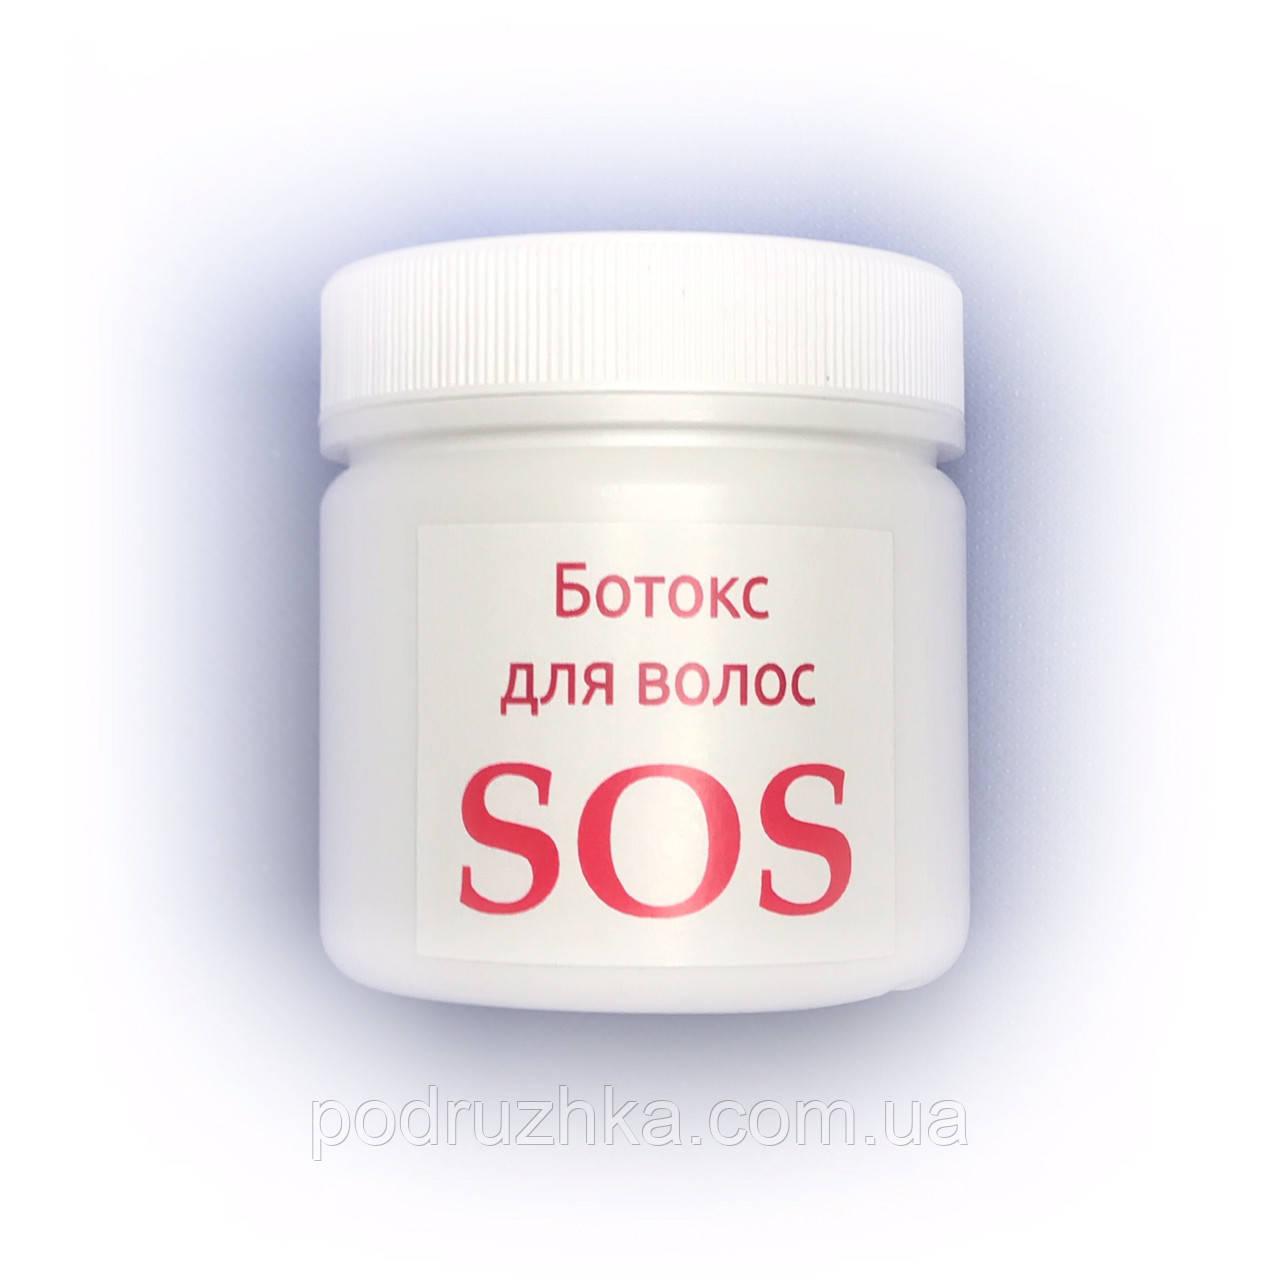 Ботокс восстановление для волос XMIX SOS 500 г